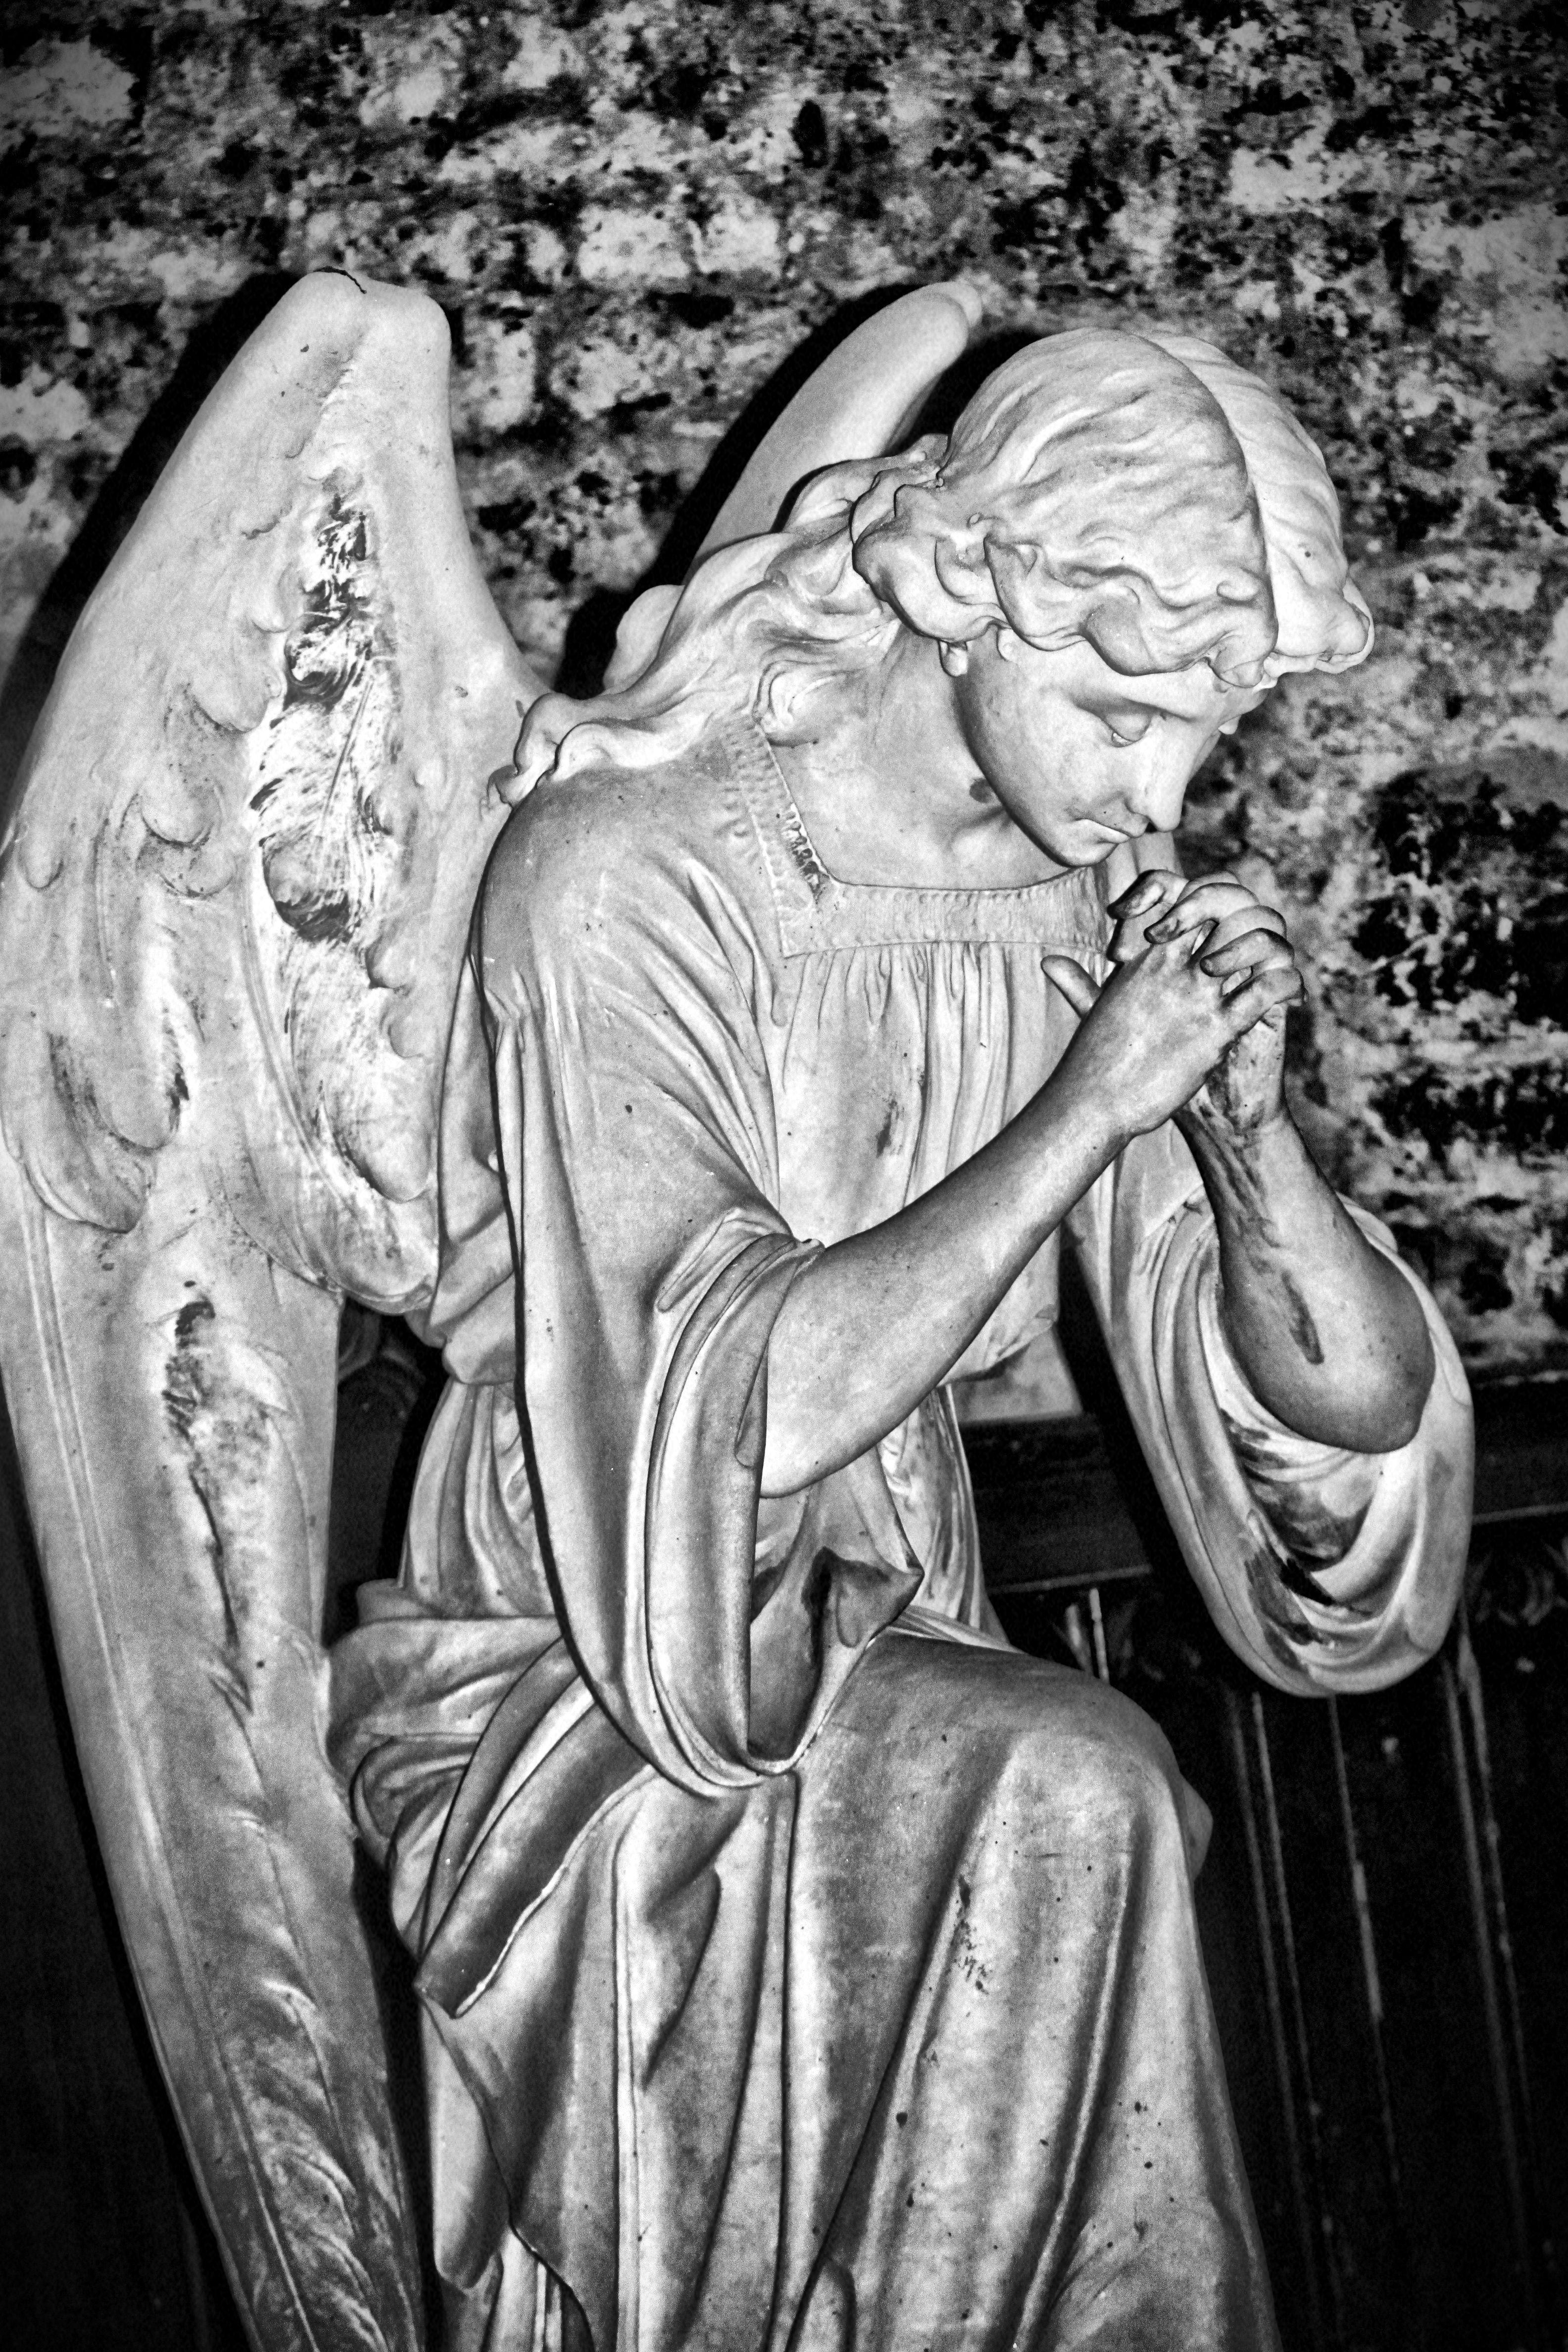 Angel - taken in Cork, Ireland